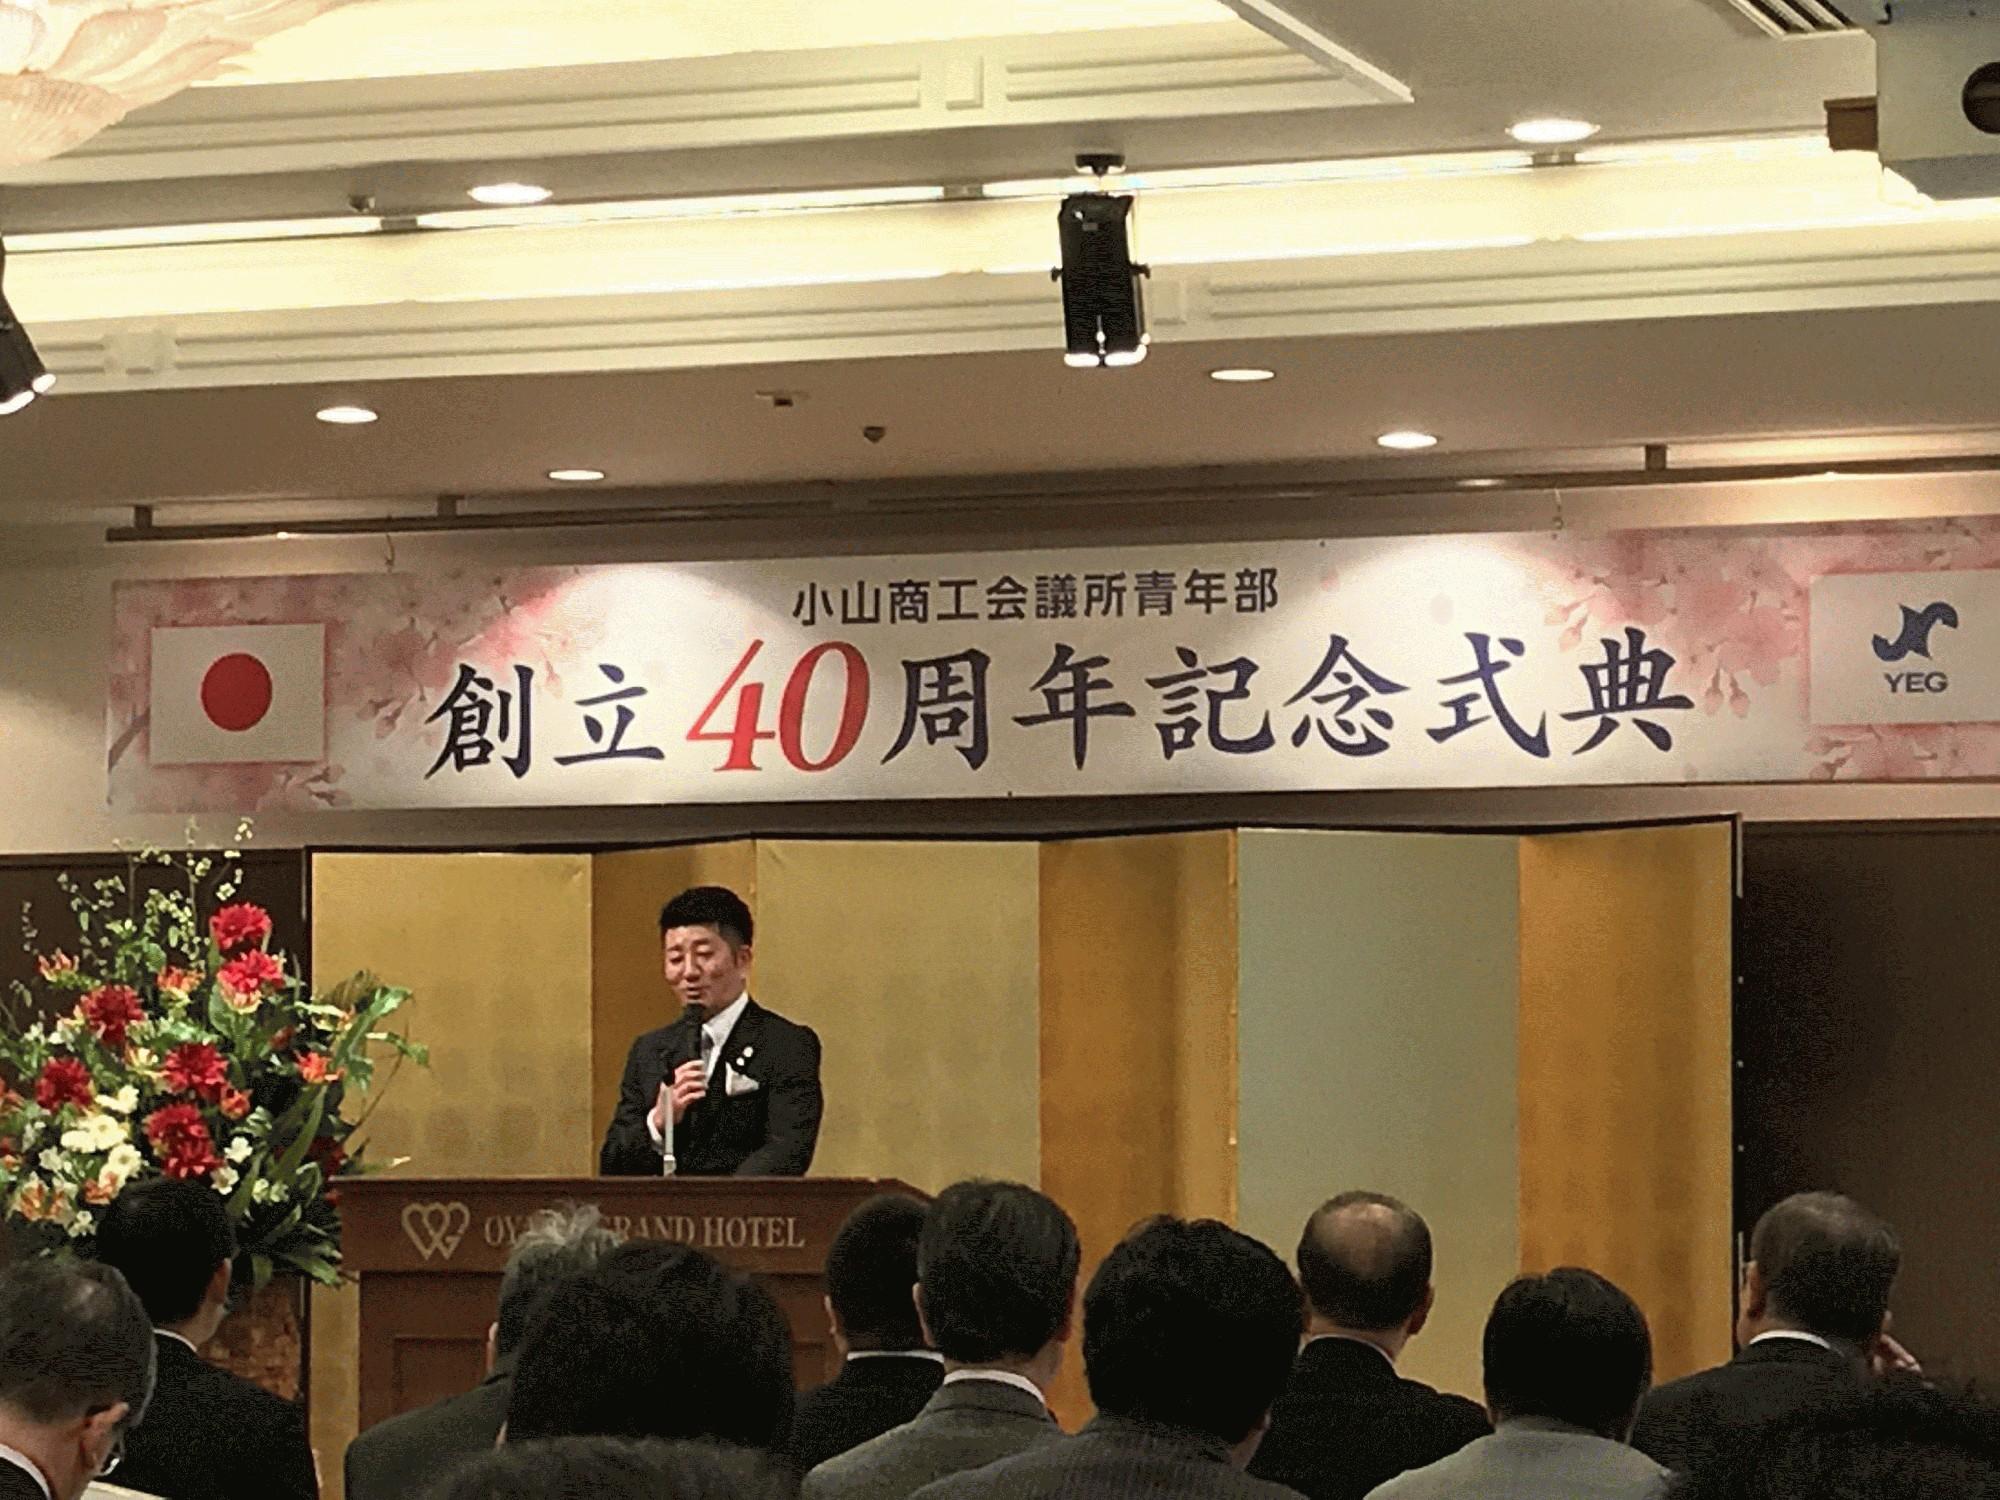 小山商工会議所青年部創立40周年記念式典を開催しました